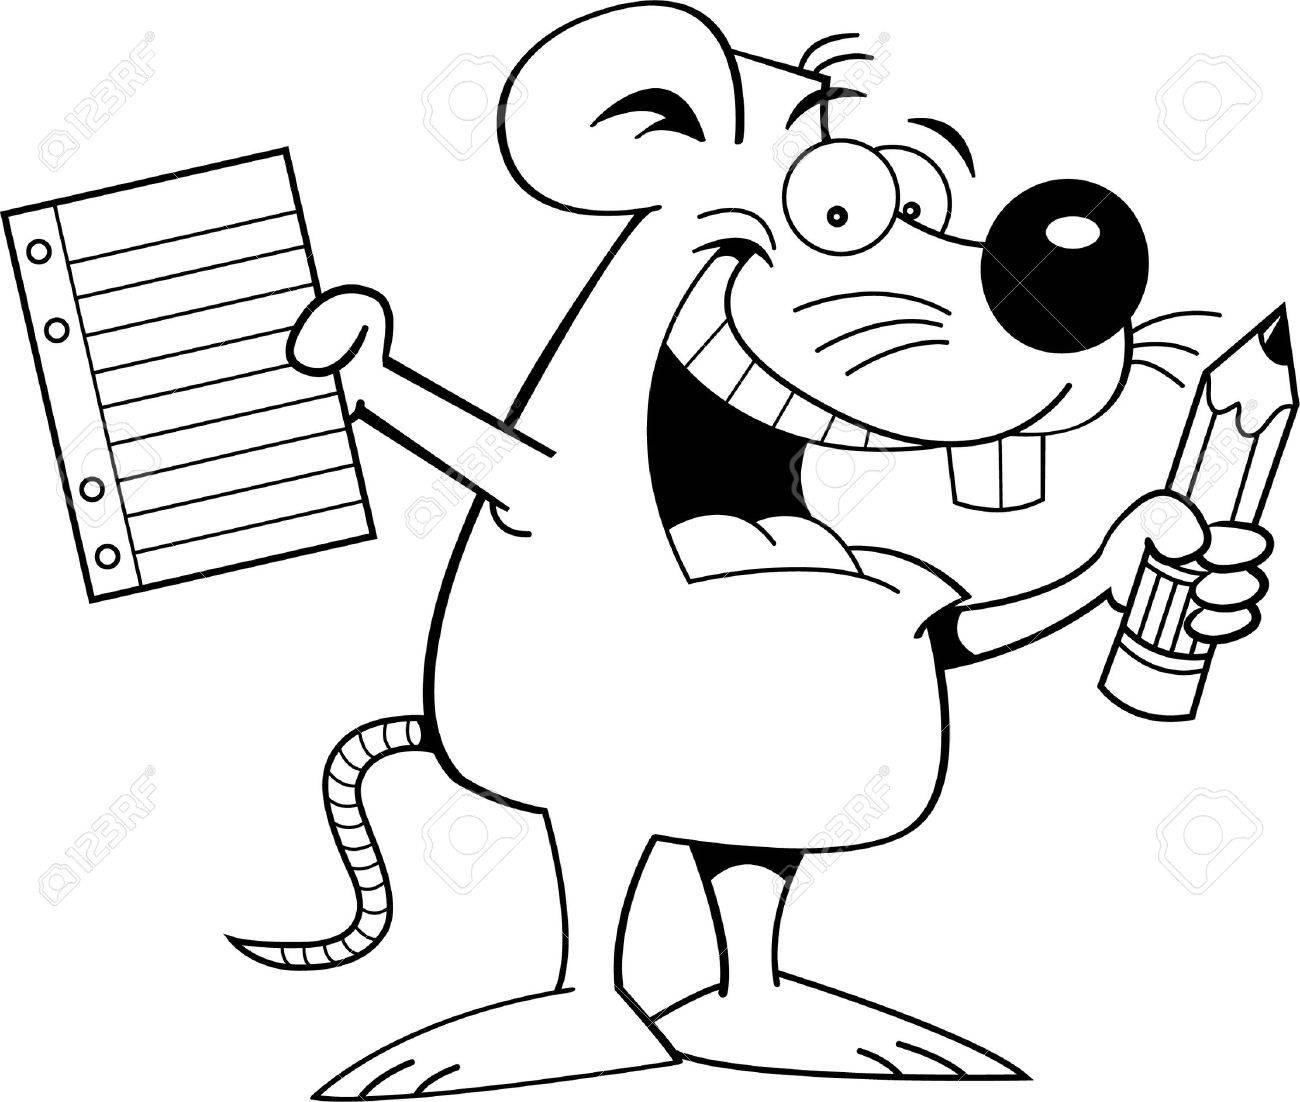 Schule clipart schwarz weiß  Schwarz-Weiß-Darstellung Einer Maus Mit Einem Papier Und Bleistift ...